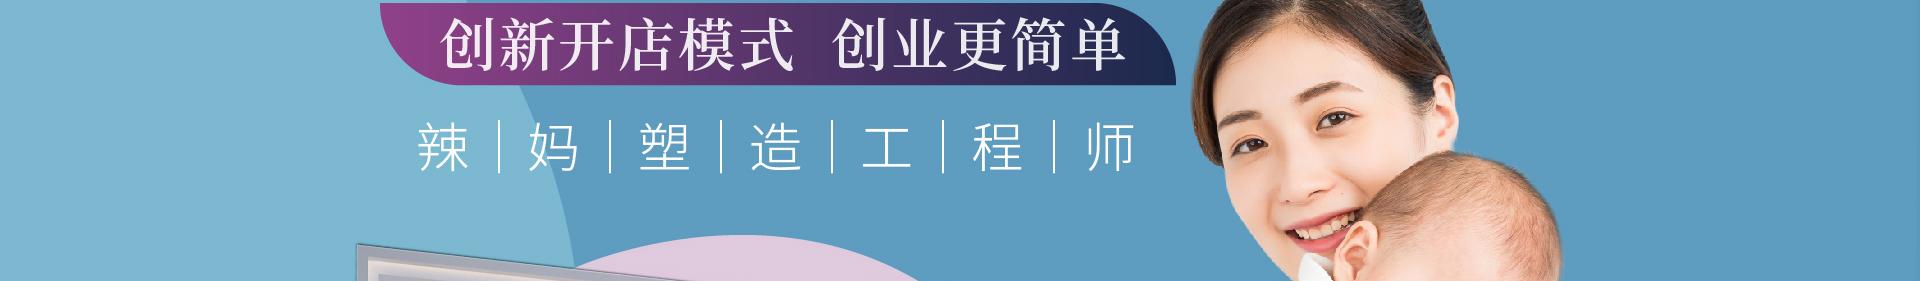 芊姿国际产后恢复中心qzchxf_03